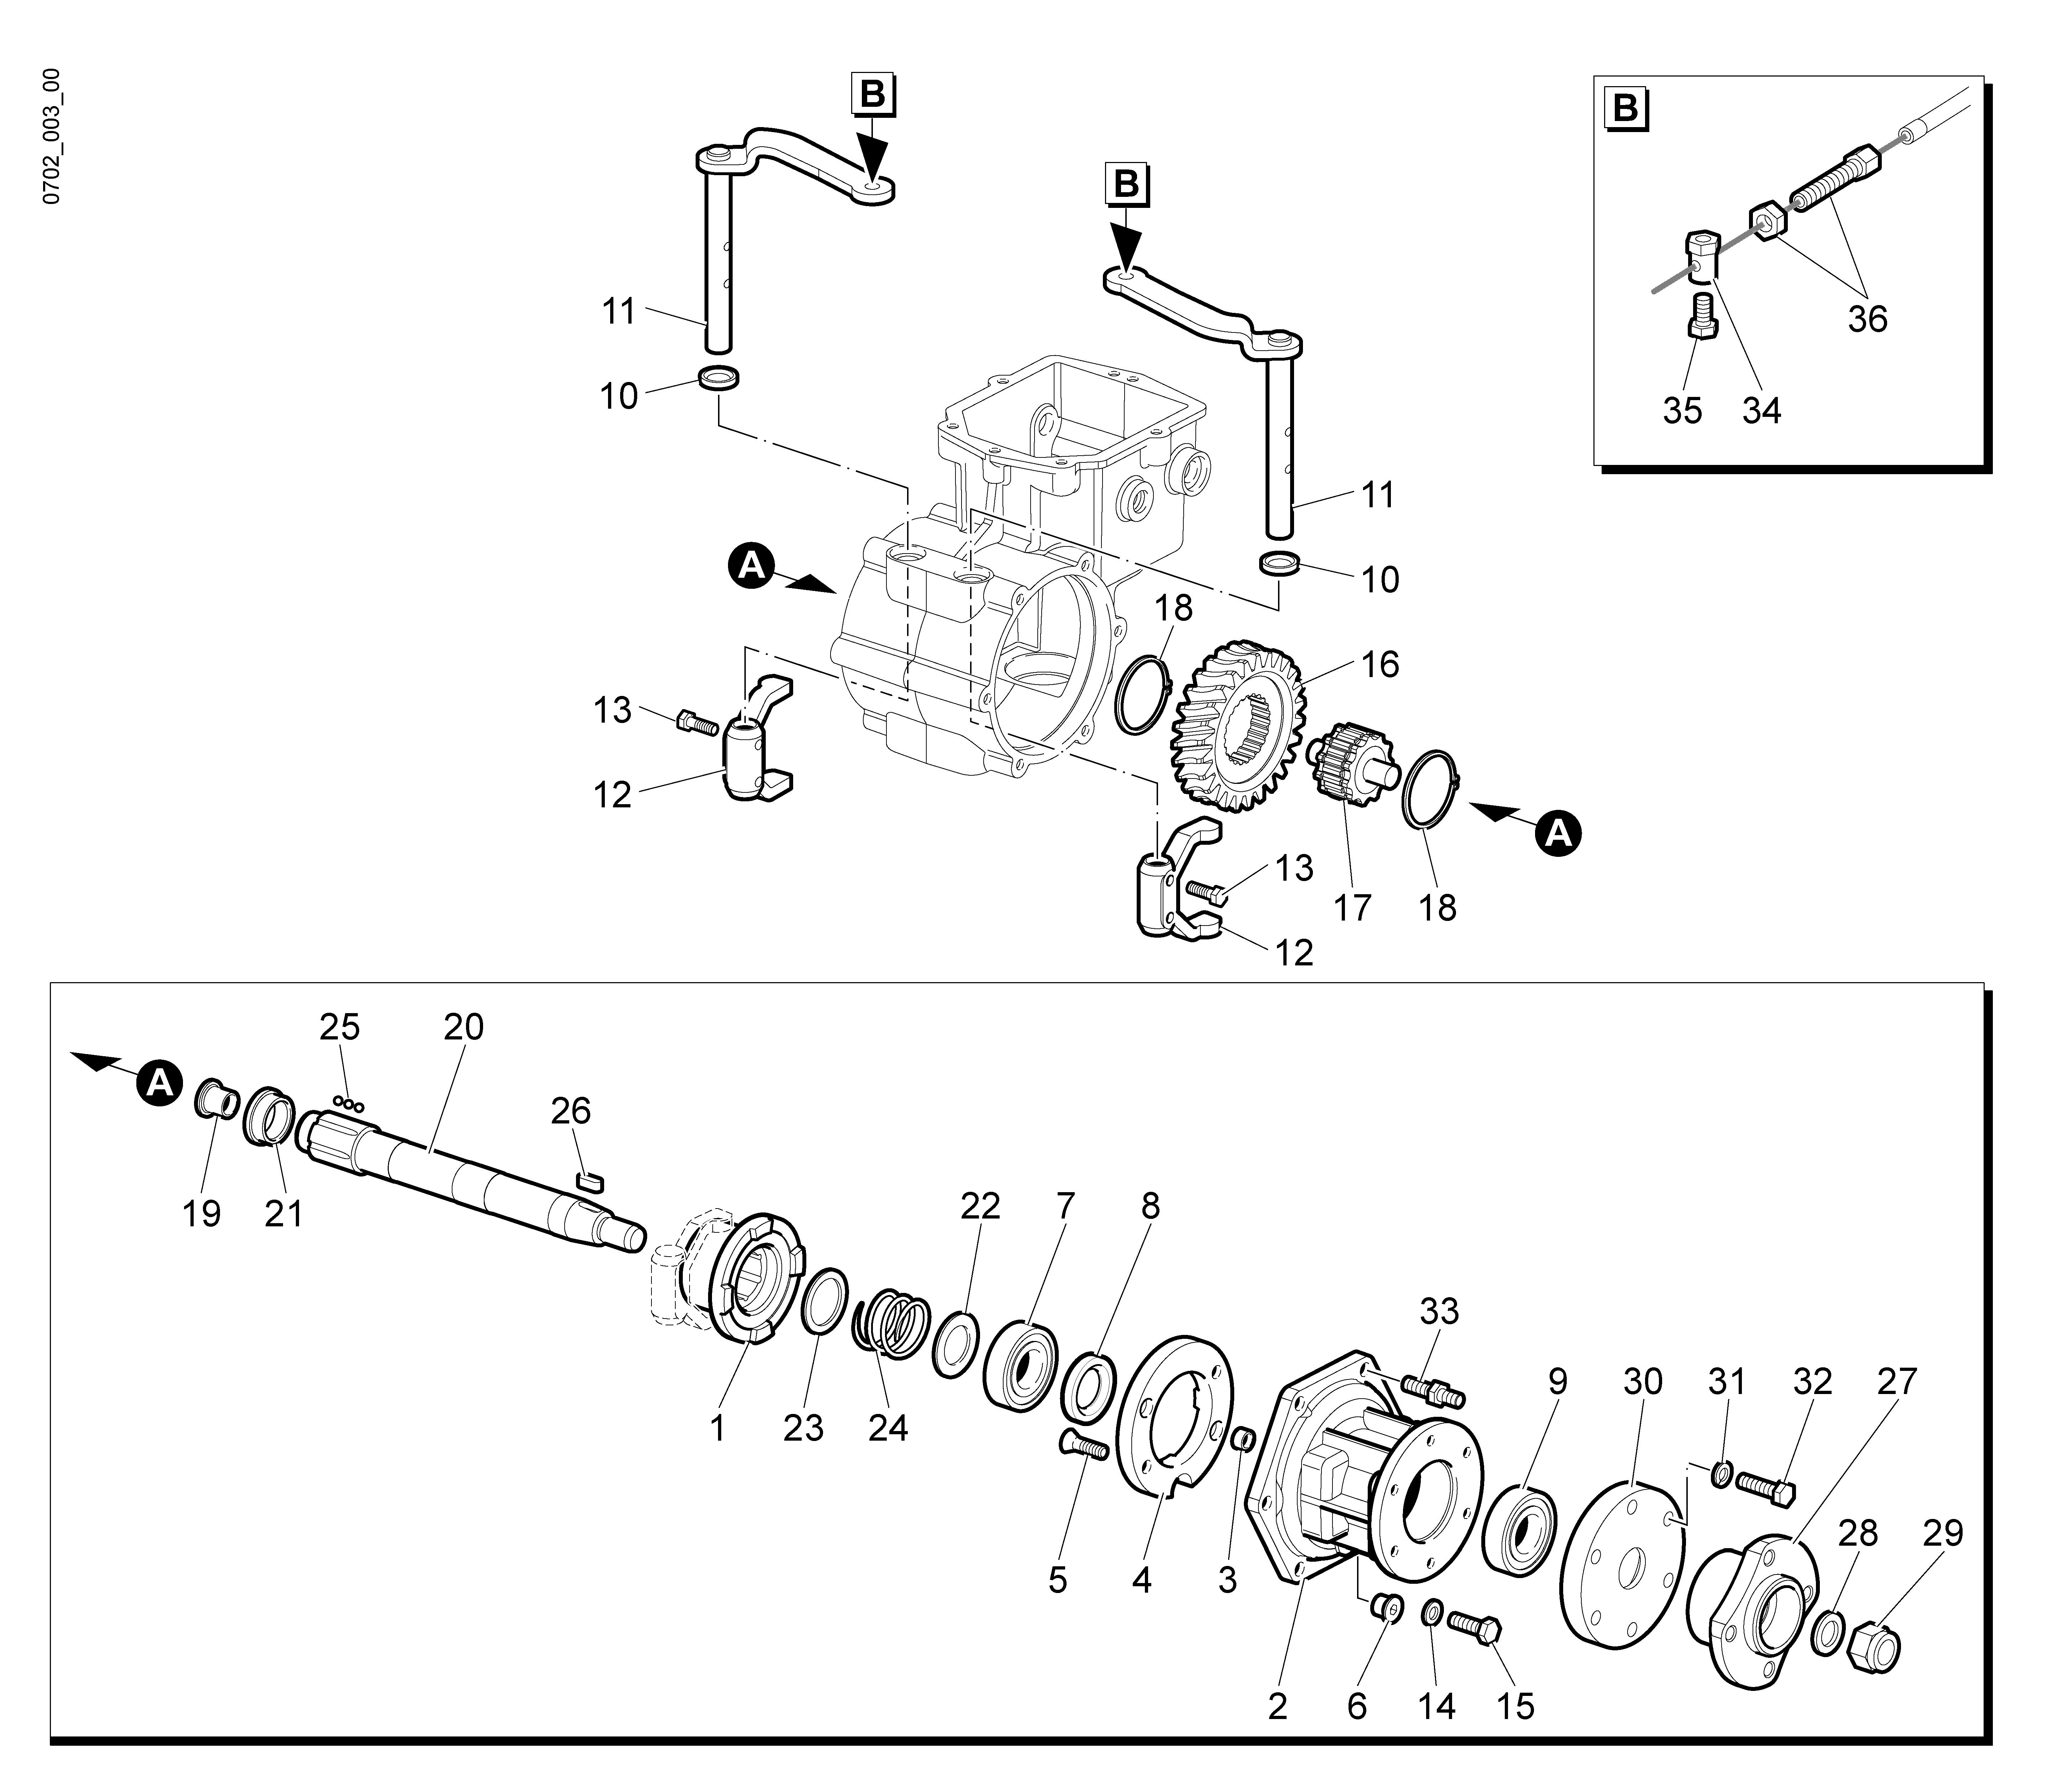 WB 65 HR 8,5 Tondeuse à fléaux  Oleomac vue éclatée Dessins pièces -  Engrenages de la boite a vitesse (2/2)